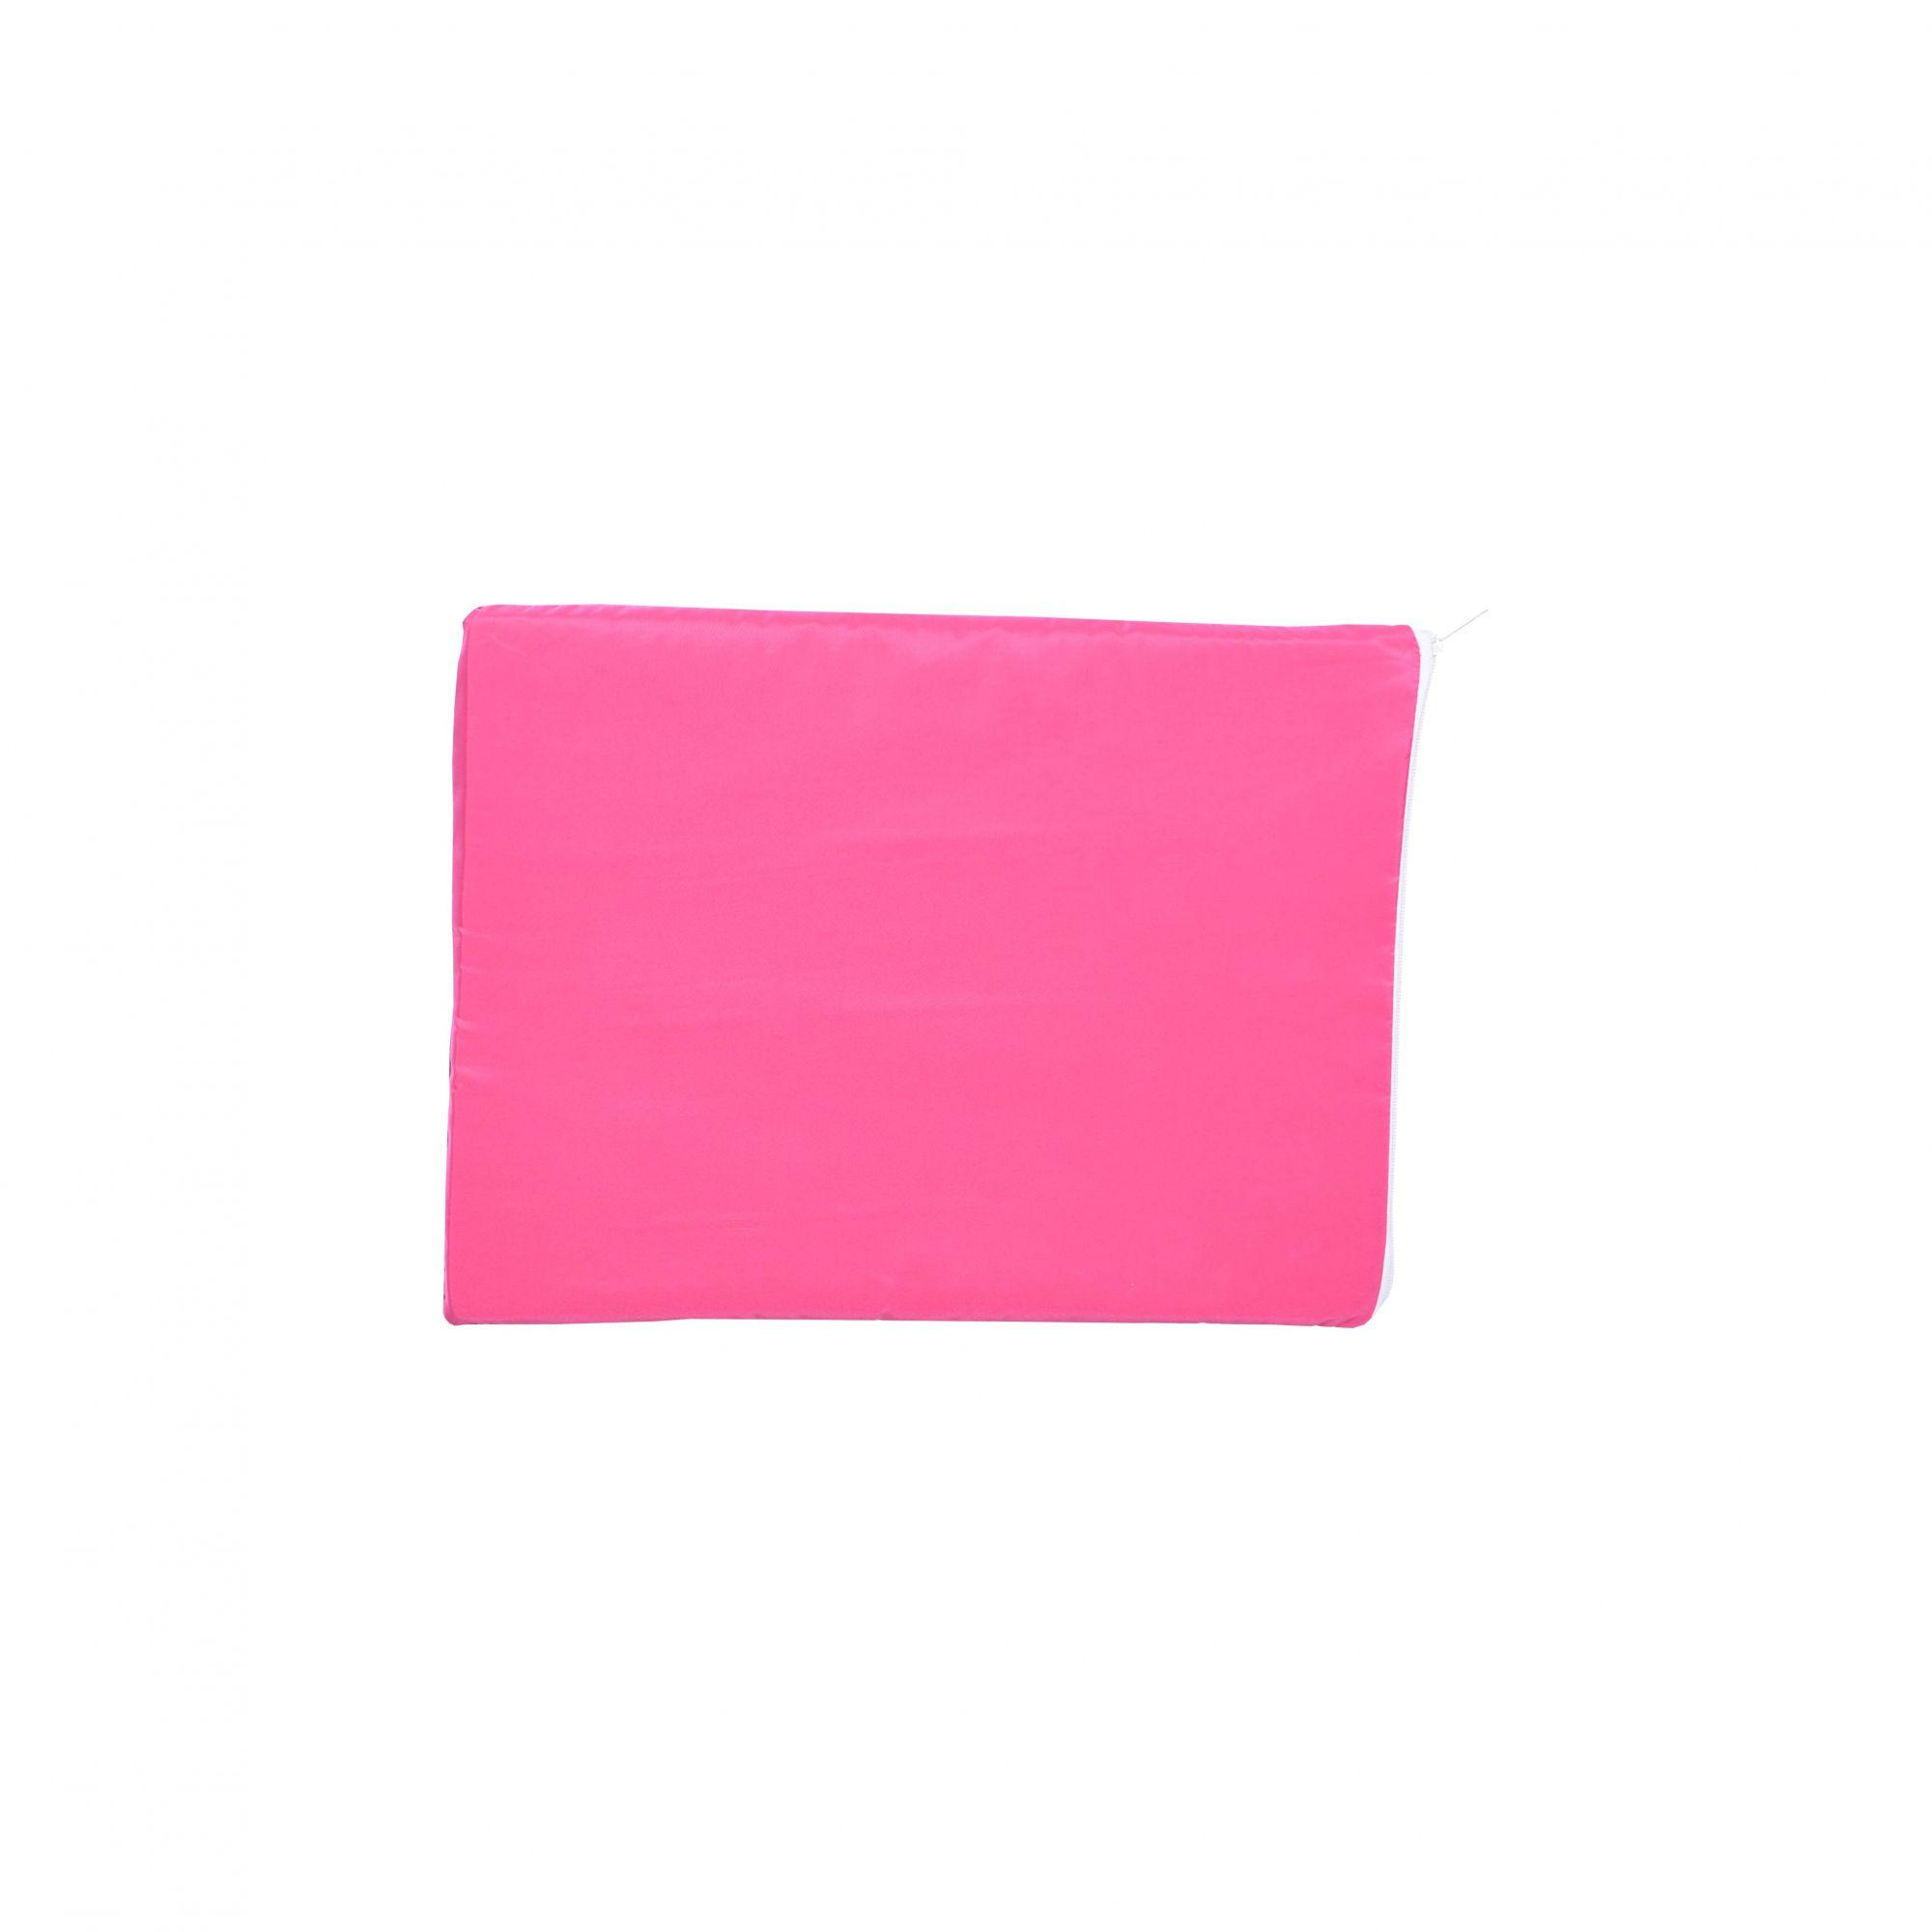 Kit Casinha Madeira 01 com Colchonete Rosa e placa de nome